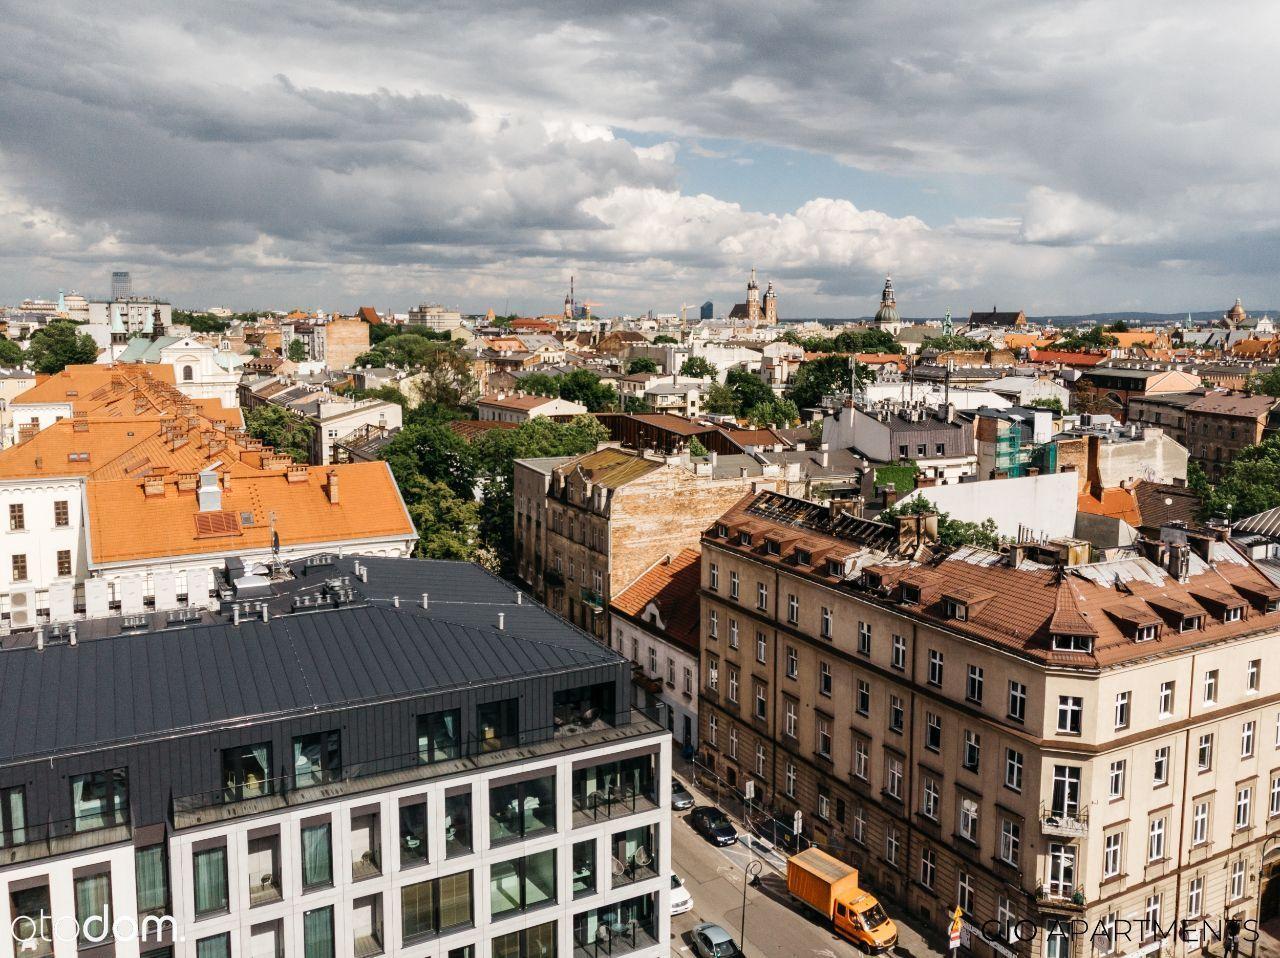 Wynajmę Luksusowy Apartament Stare Miasto Kraków